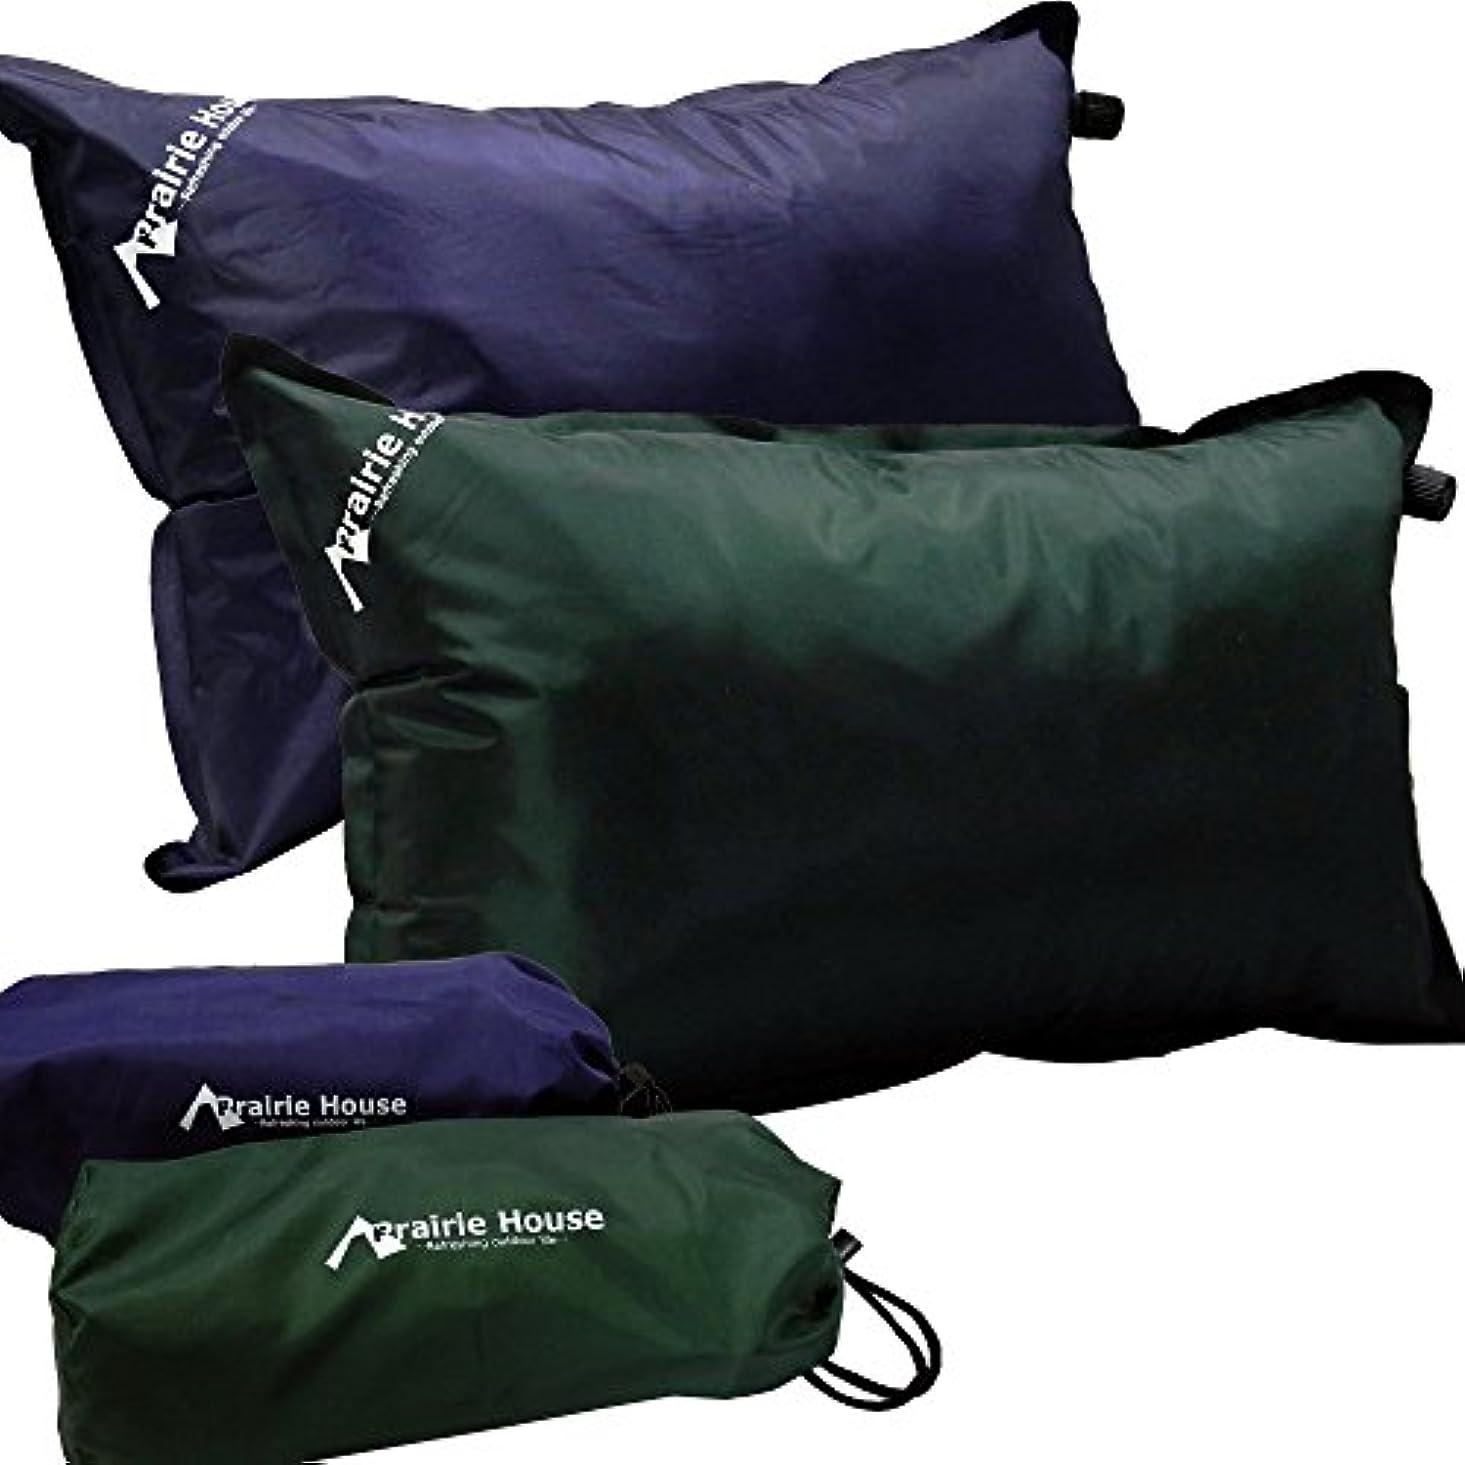 咳海嶺添加剤[PHS111NG]Prairie Houseふっくらピロー2個セット 自動膨張枕 2個セット 車中泊 枕 ぐっすり 快適 ネイビー?グリーン